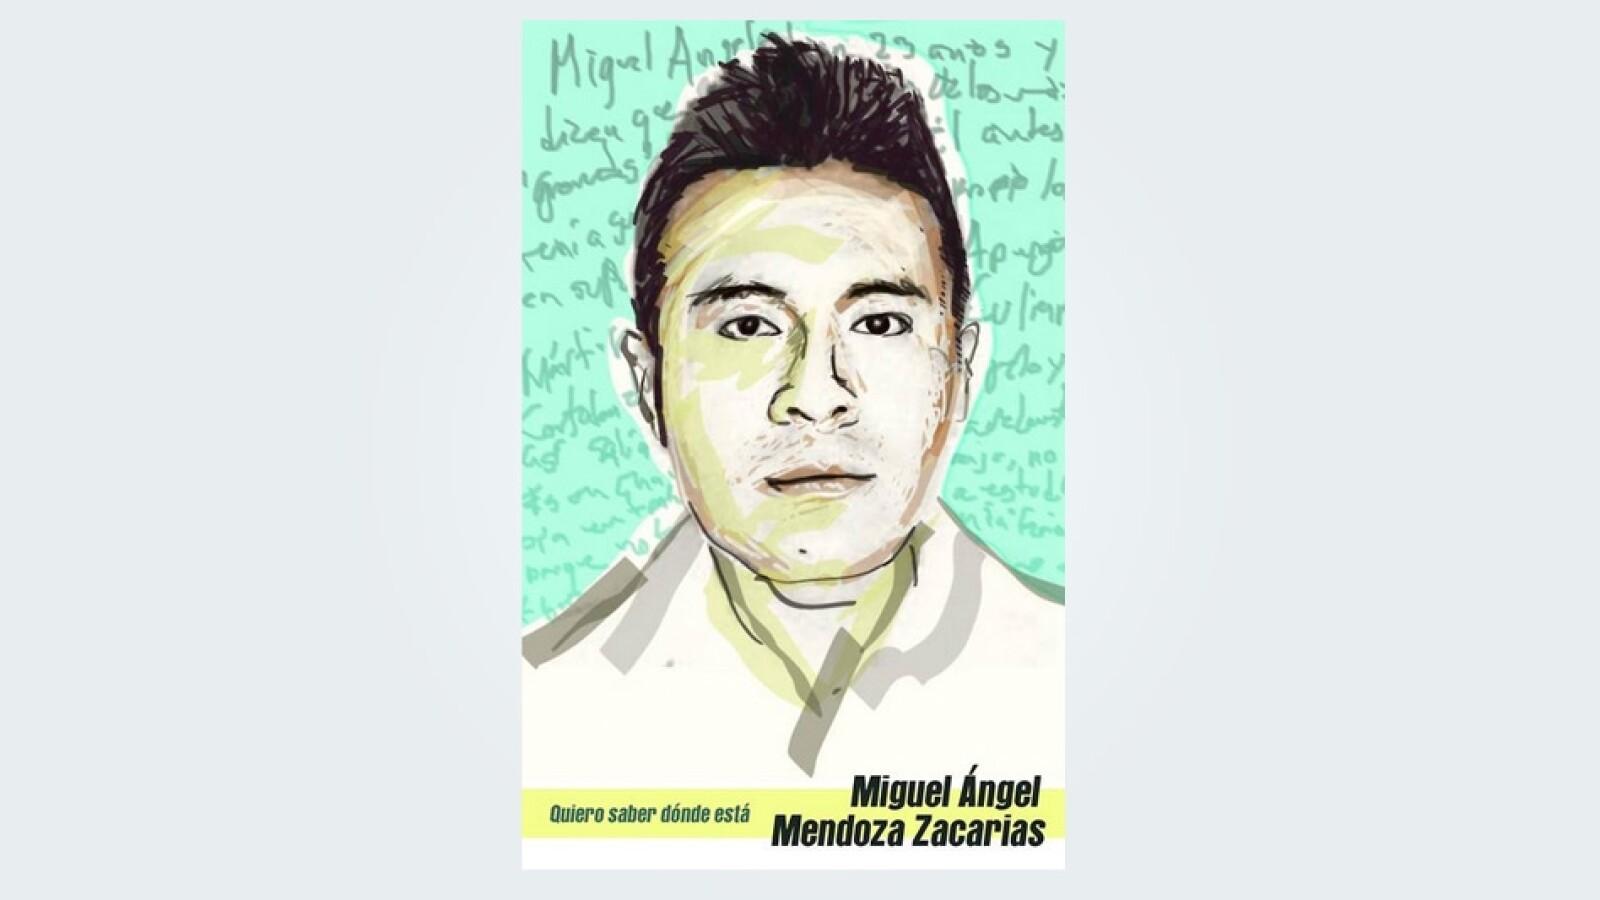 Miguel Angel Mendoza Ayotzinapa